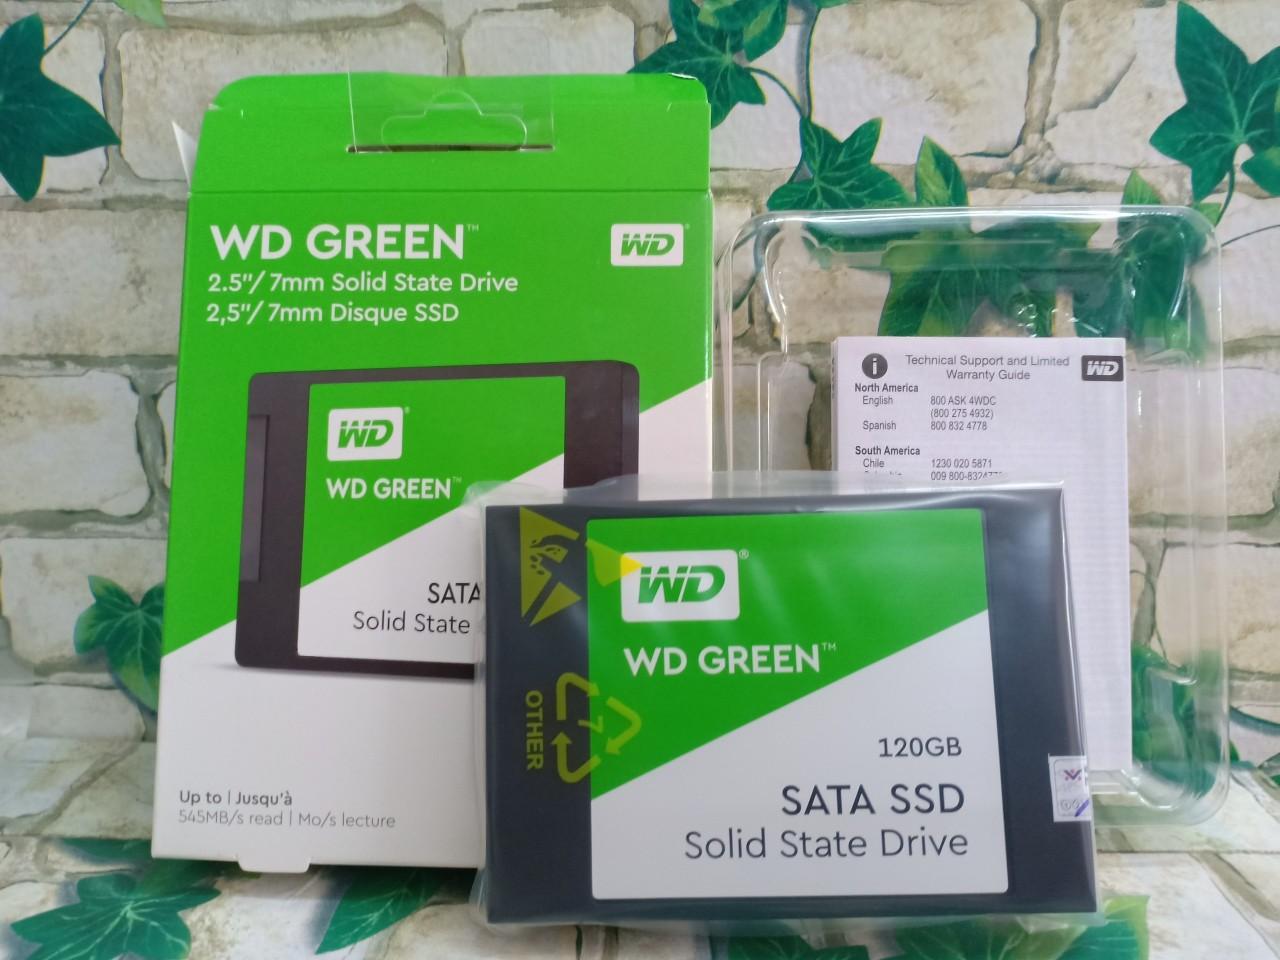 [Entershop] chuyên thẻ nhớ, usb, ổ cứng di động 500gb , 1000gb, 2T, 4T - 14